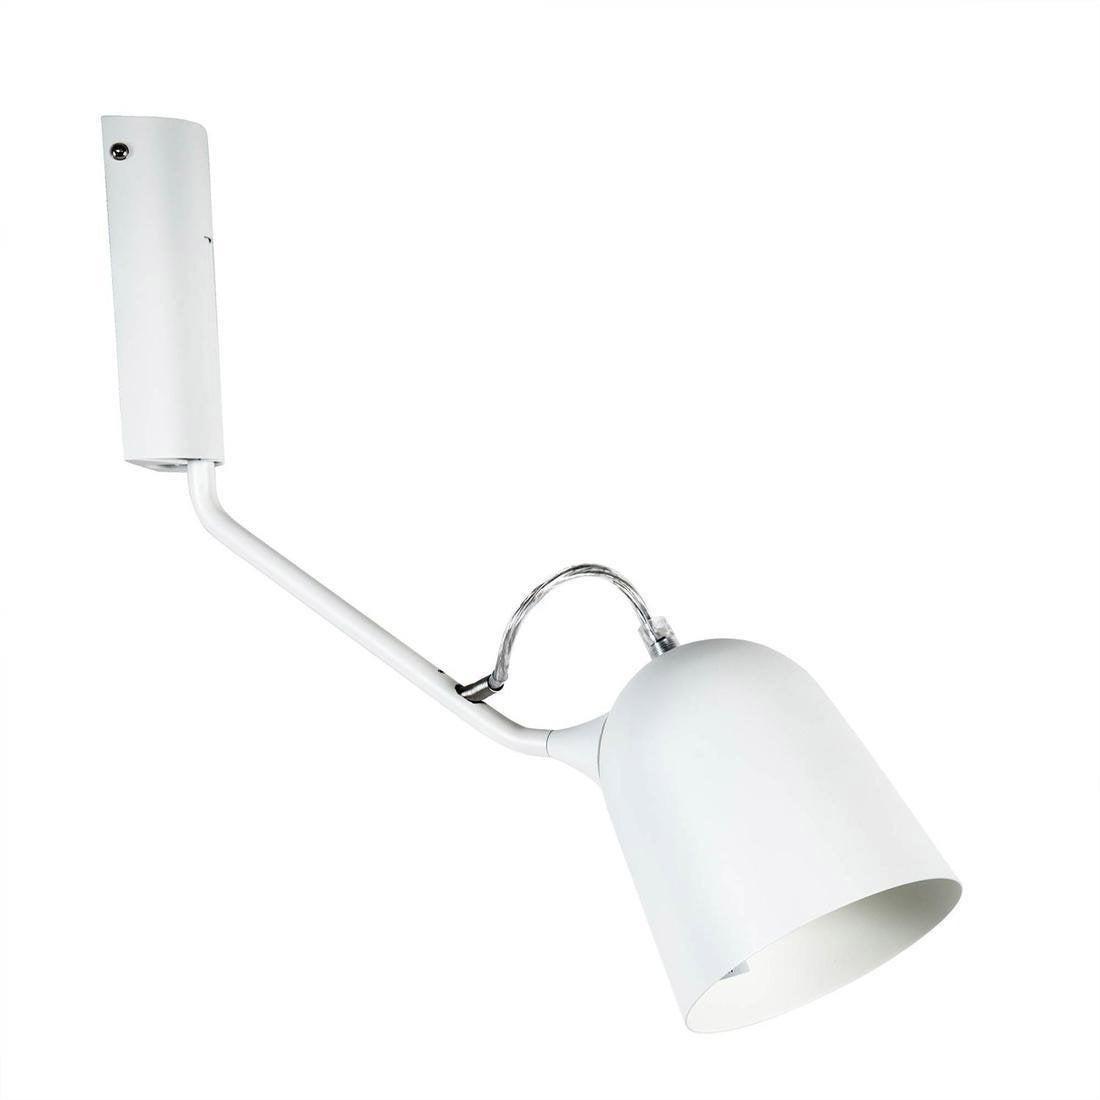 Applique Magnétic orientable l37cm design blanc métal